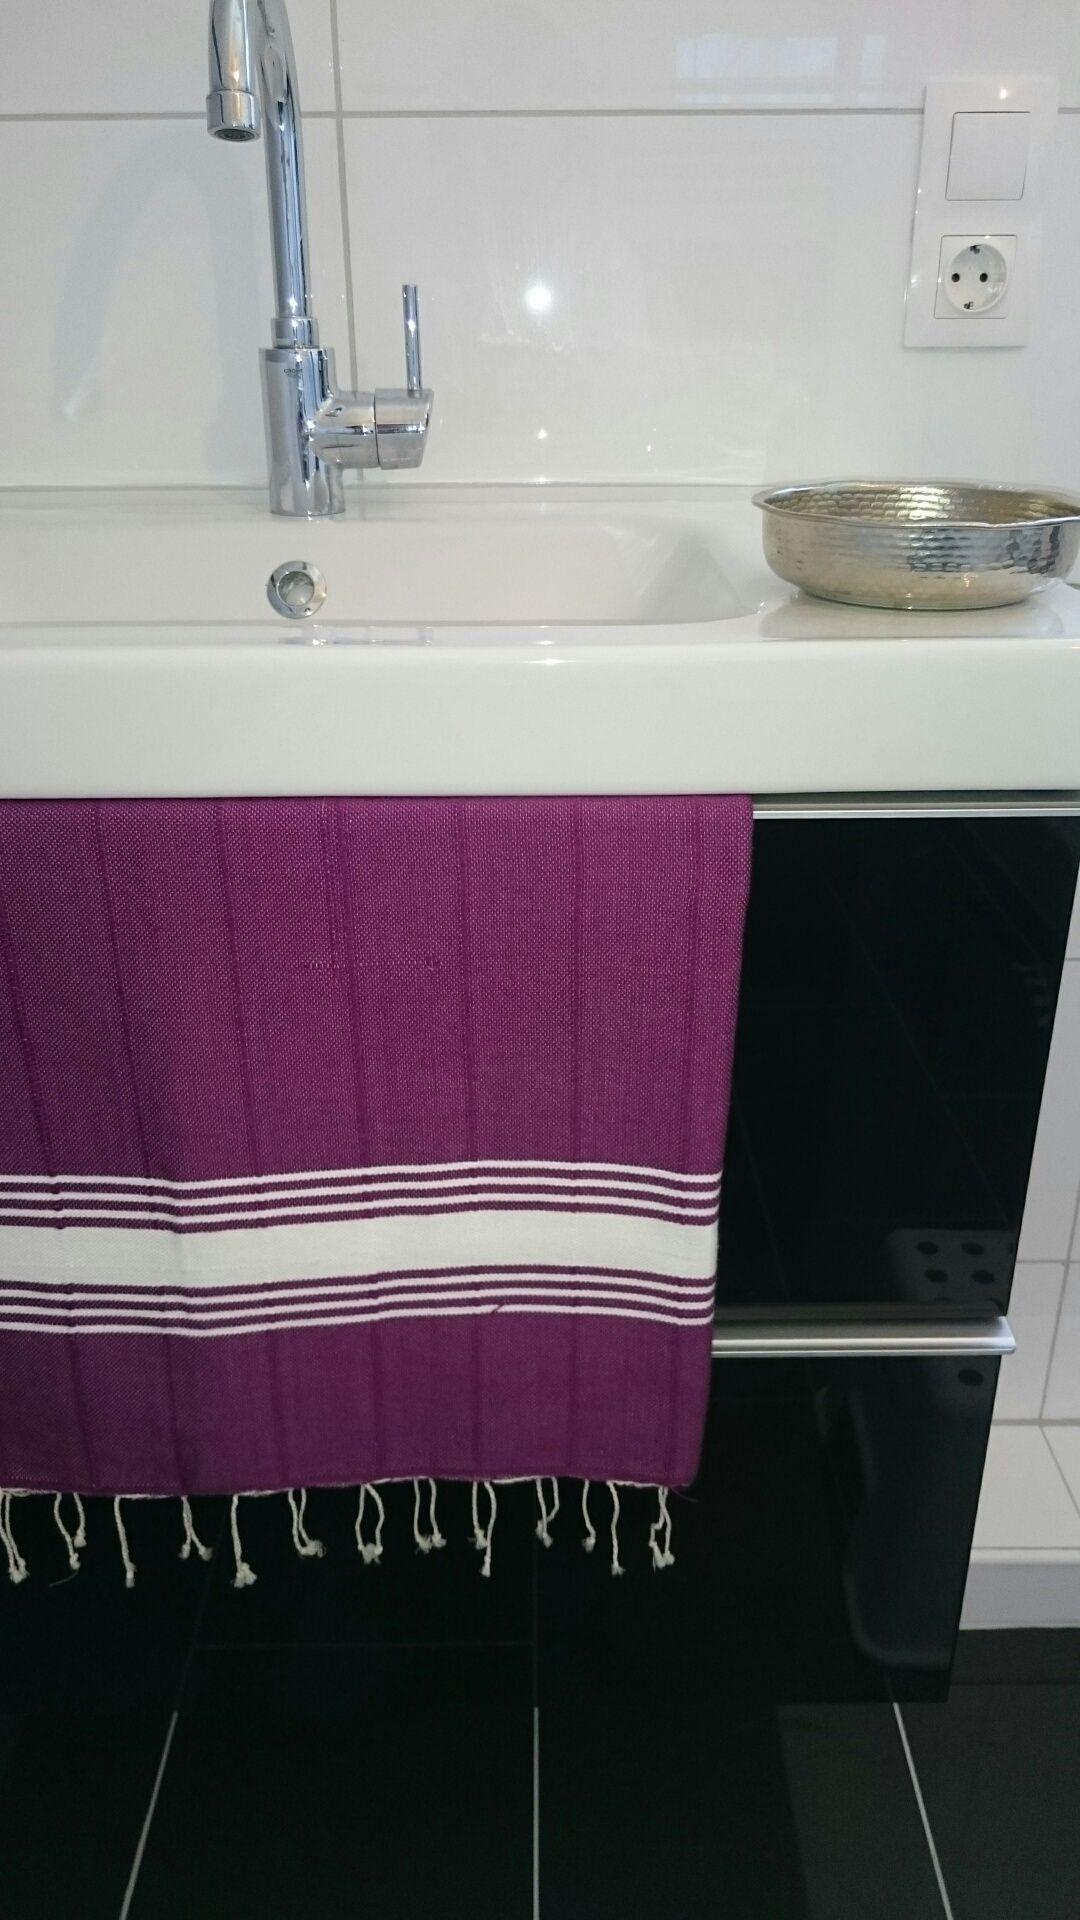 Badezimmer dekor grau bath decoration badezimmer bad deko mit hamamzubehör hamamtuch